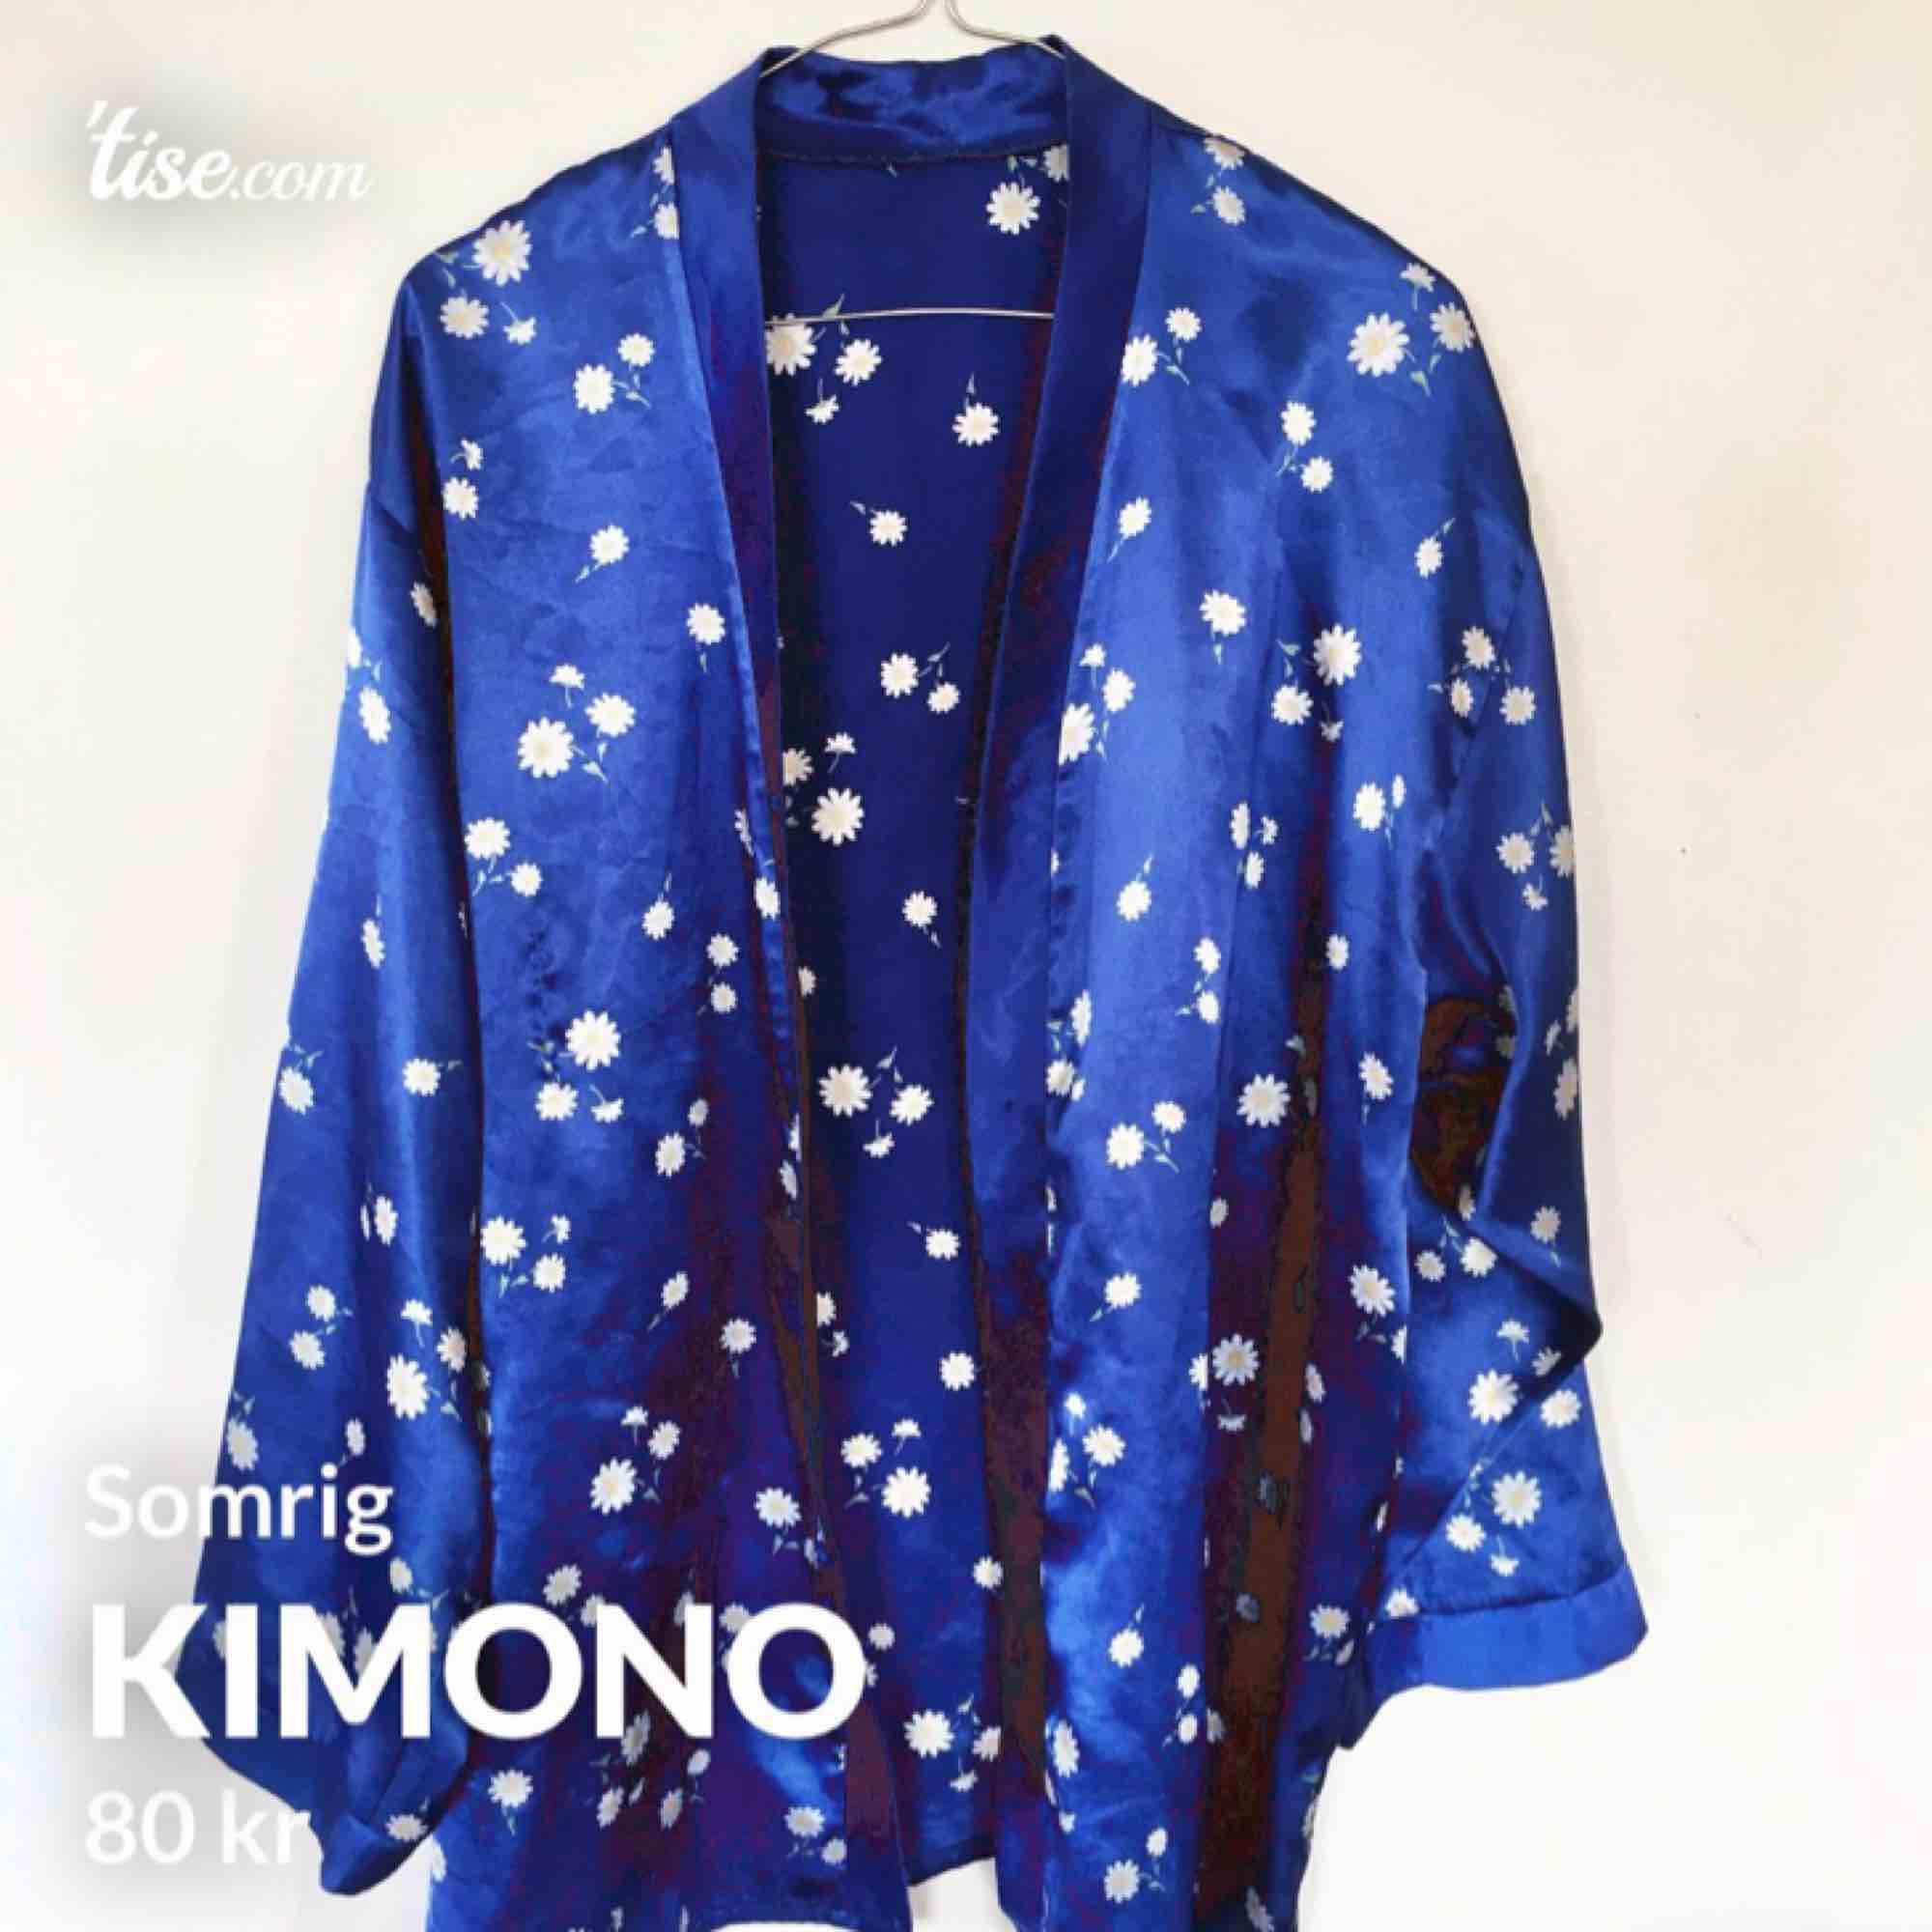 Superfin skjorta/kimono med blommor!. Tröjor & Koftor.